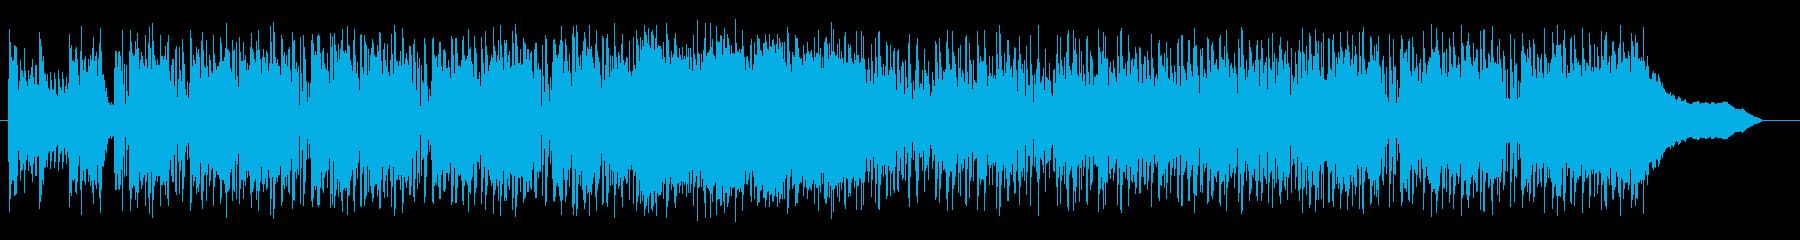 ロックでファンタジックなテクノポップの再生済みの波形